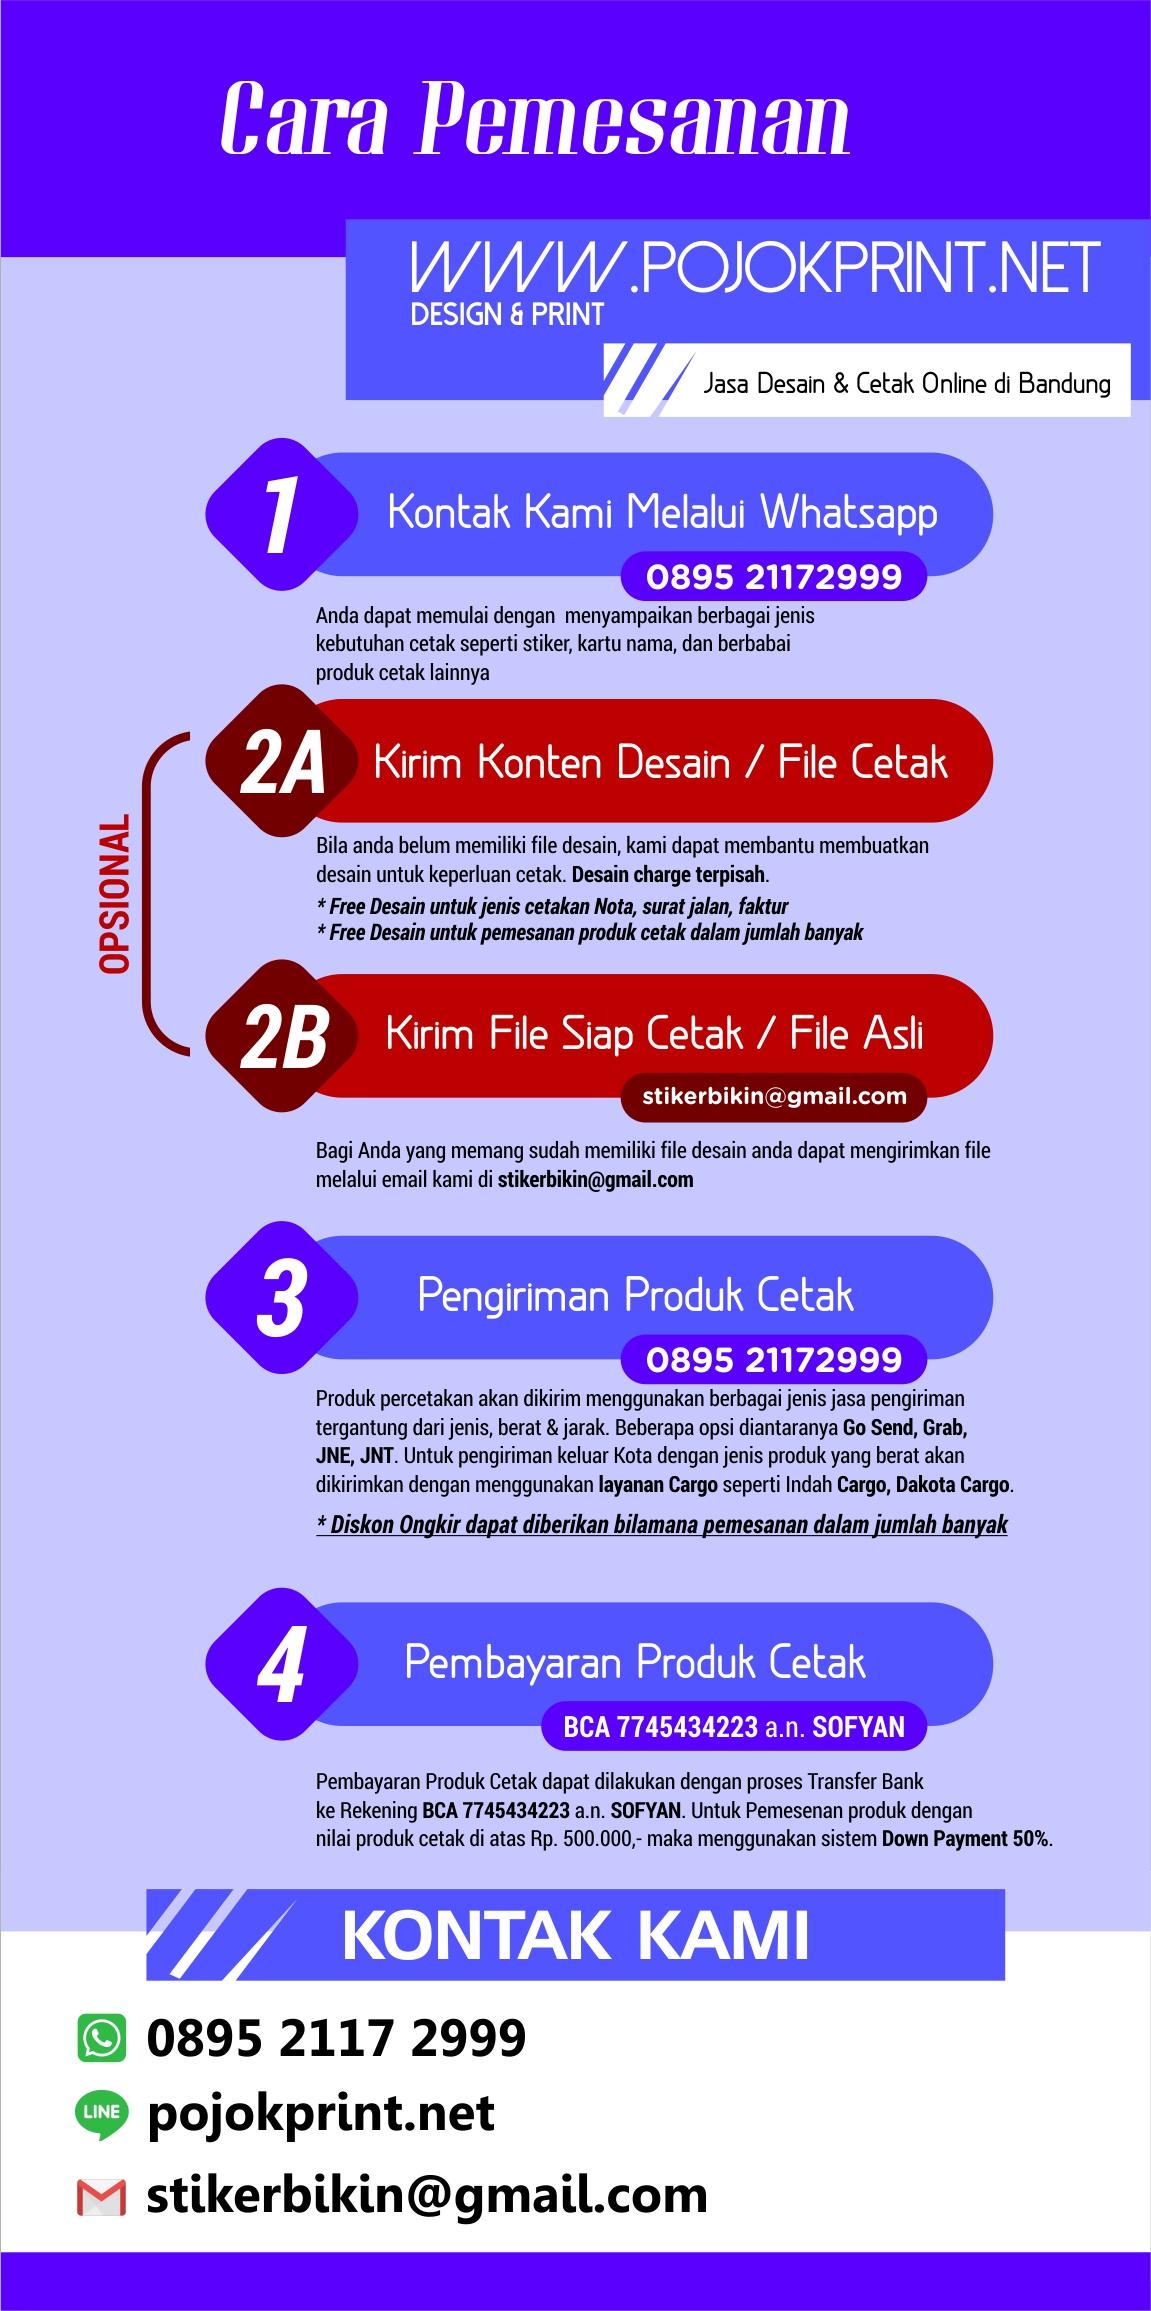 Jasa Desain Banner Online Bandung, Bagi anda yang memiliki kebutuhan desain banner untuk siap cetak, anda dapat menggunakan jasa pembuatan desain banner online. Kontak kami di WA : 0895 2117 2999. Berbagai jenis desain banner seperti banner rumah makan, banner kampus, banner cafe, dan berbagai jenis desain banner lainnya.